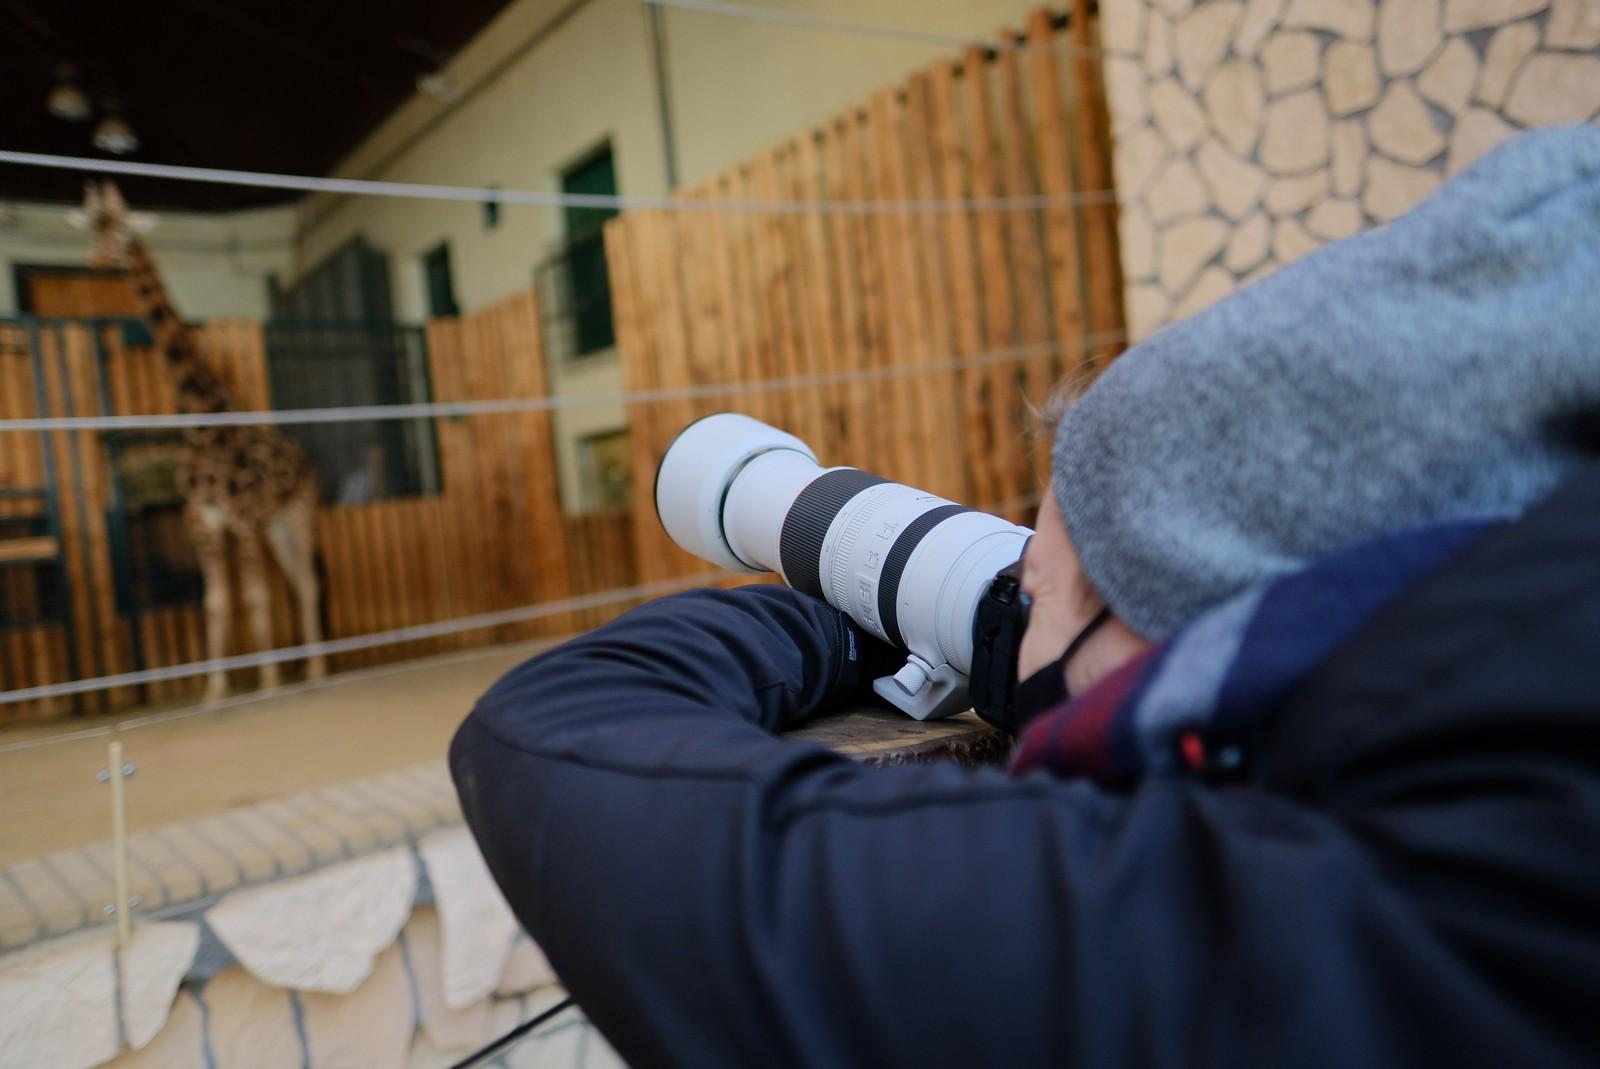 Obiektyw RF 100-500 mm na spacerze w zoo. Fot. Jarosław Respondek